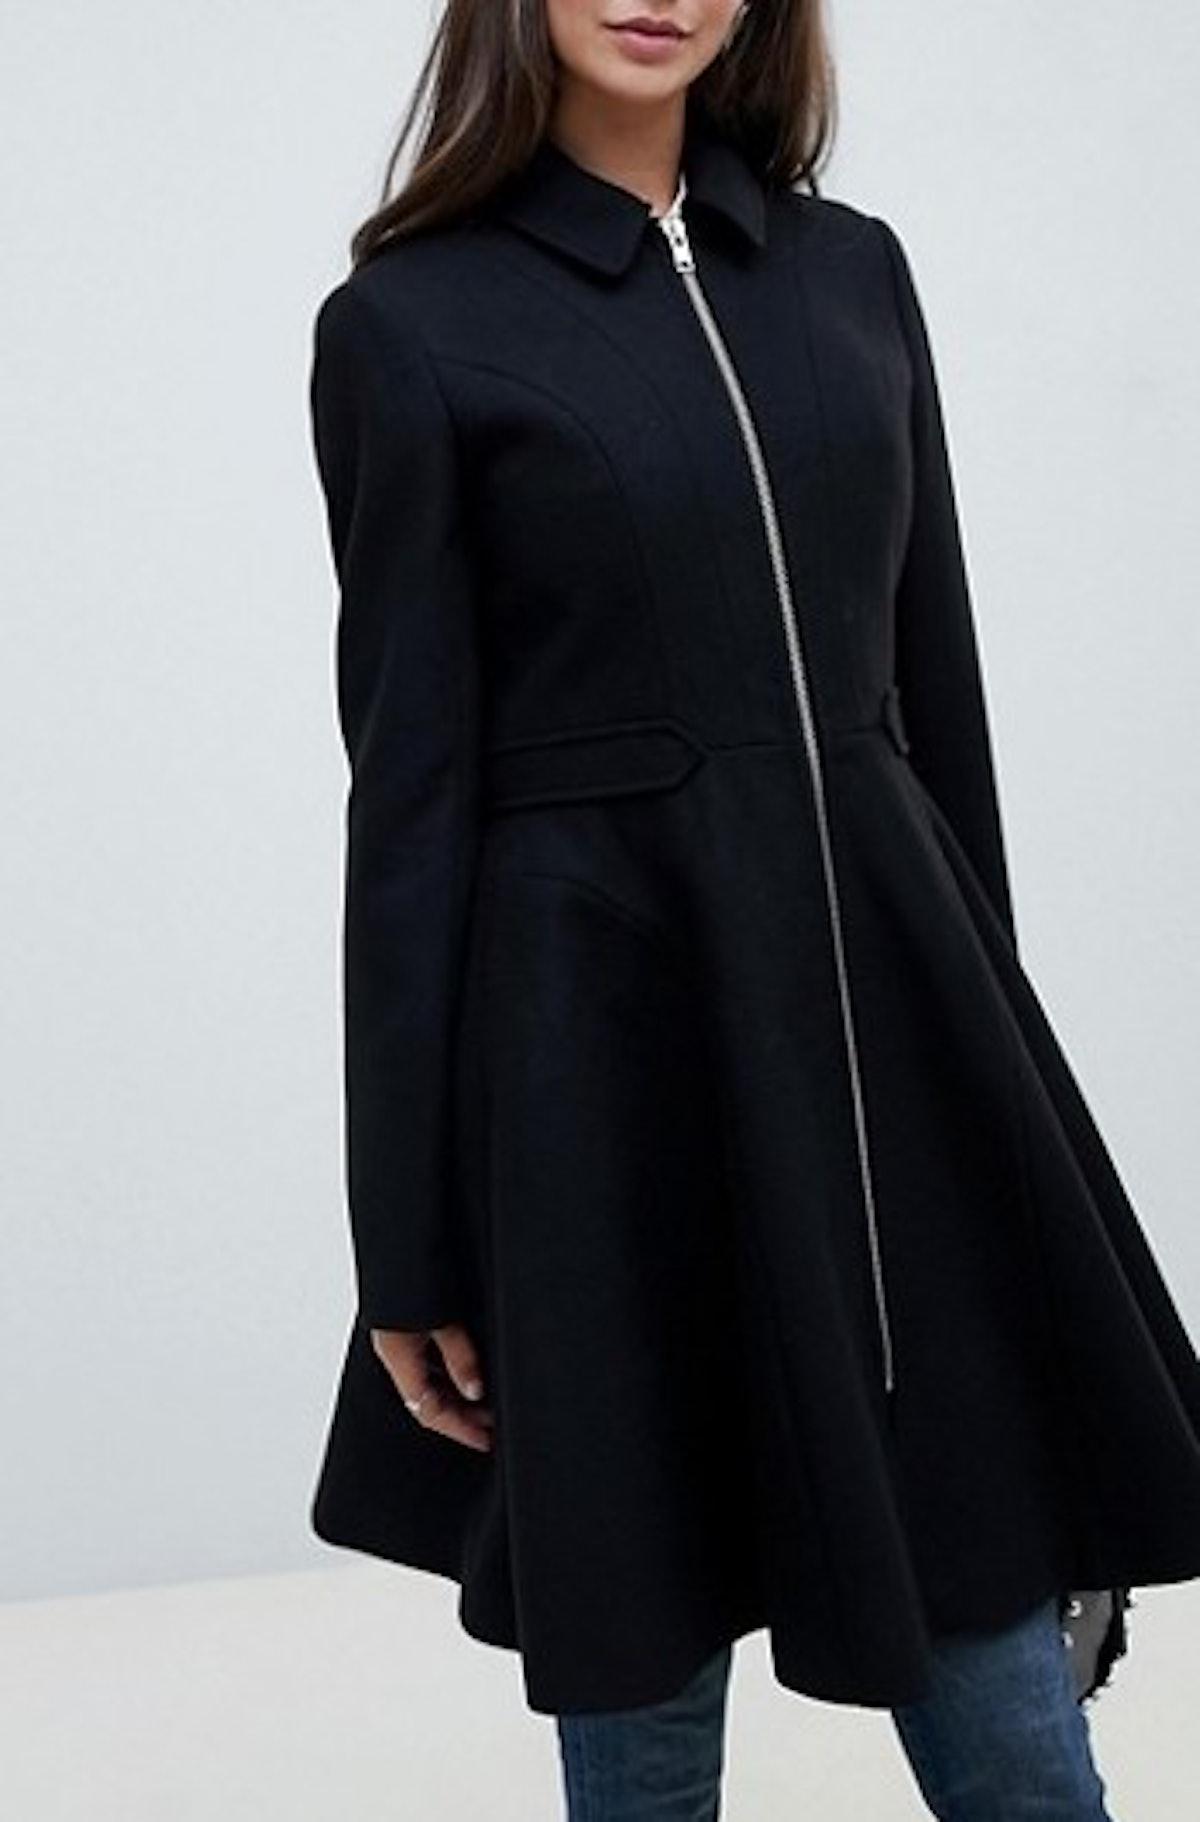 Swing Coat With Zip Front